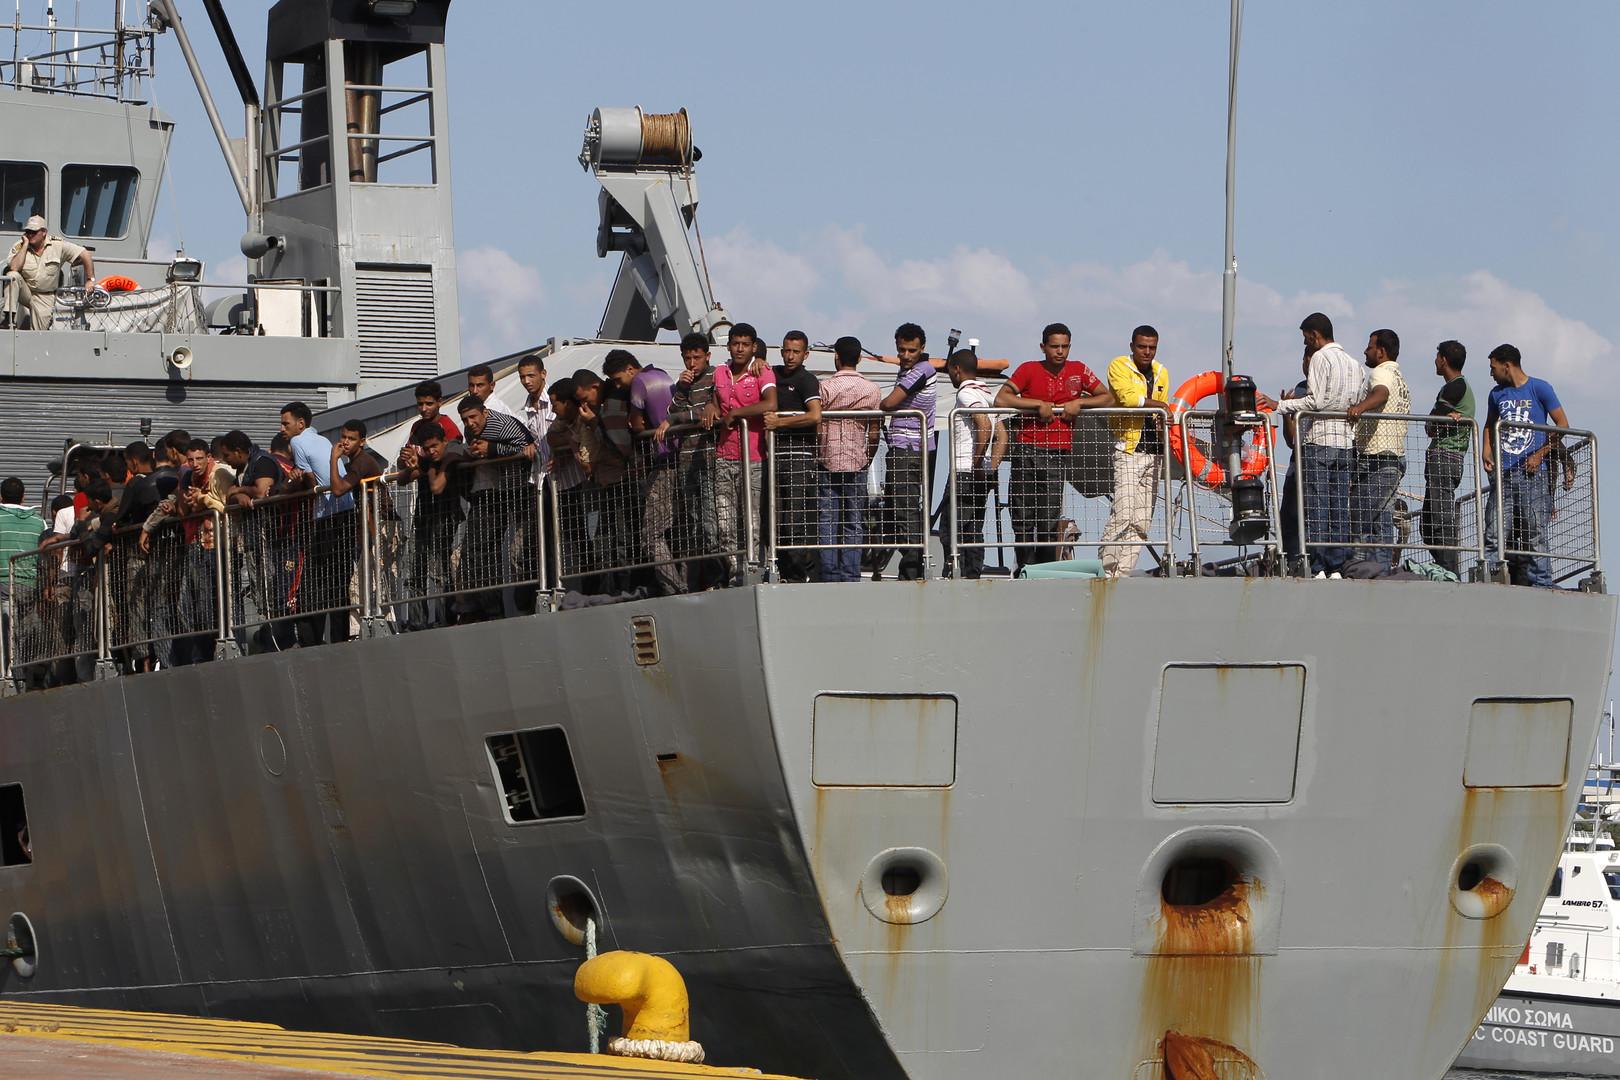 Des migrants à bord d'un bateau de Frontex arrivent dans un port d'Athènes en juin 2011